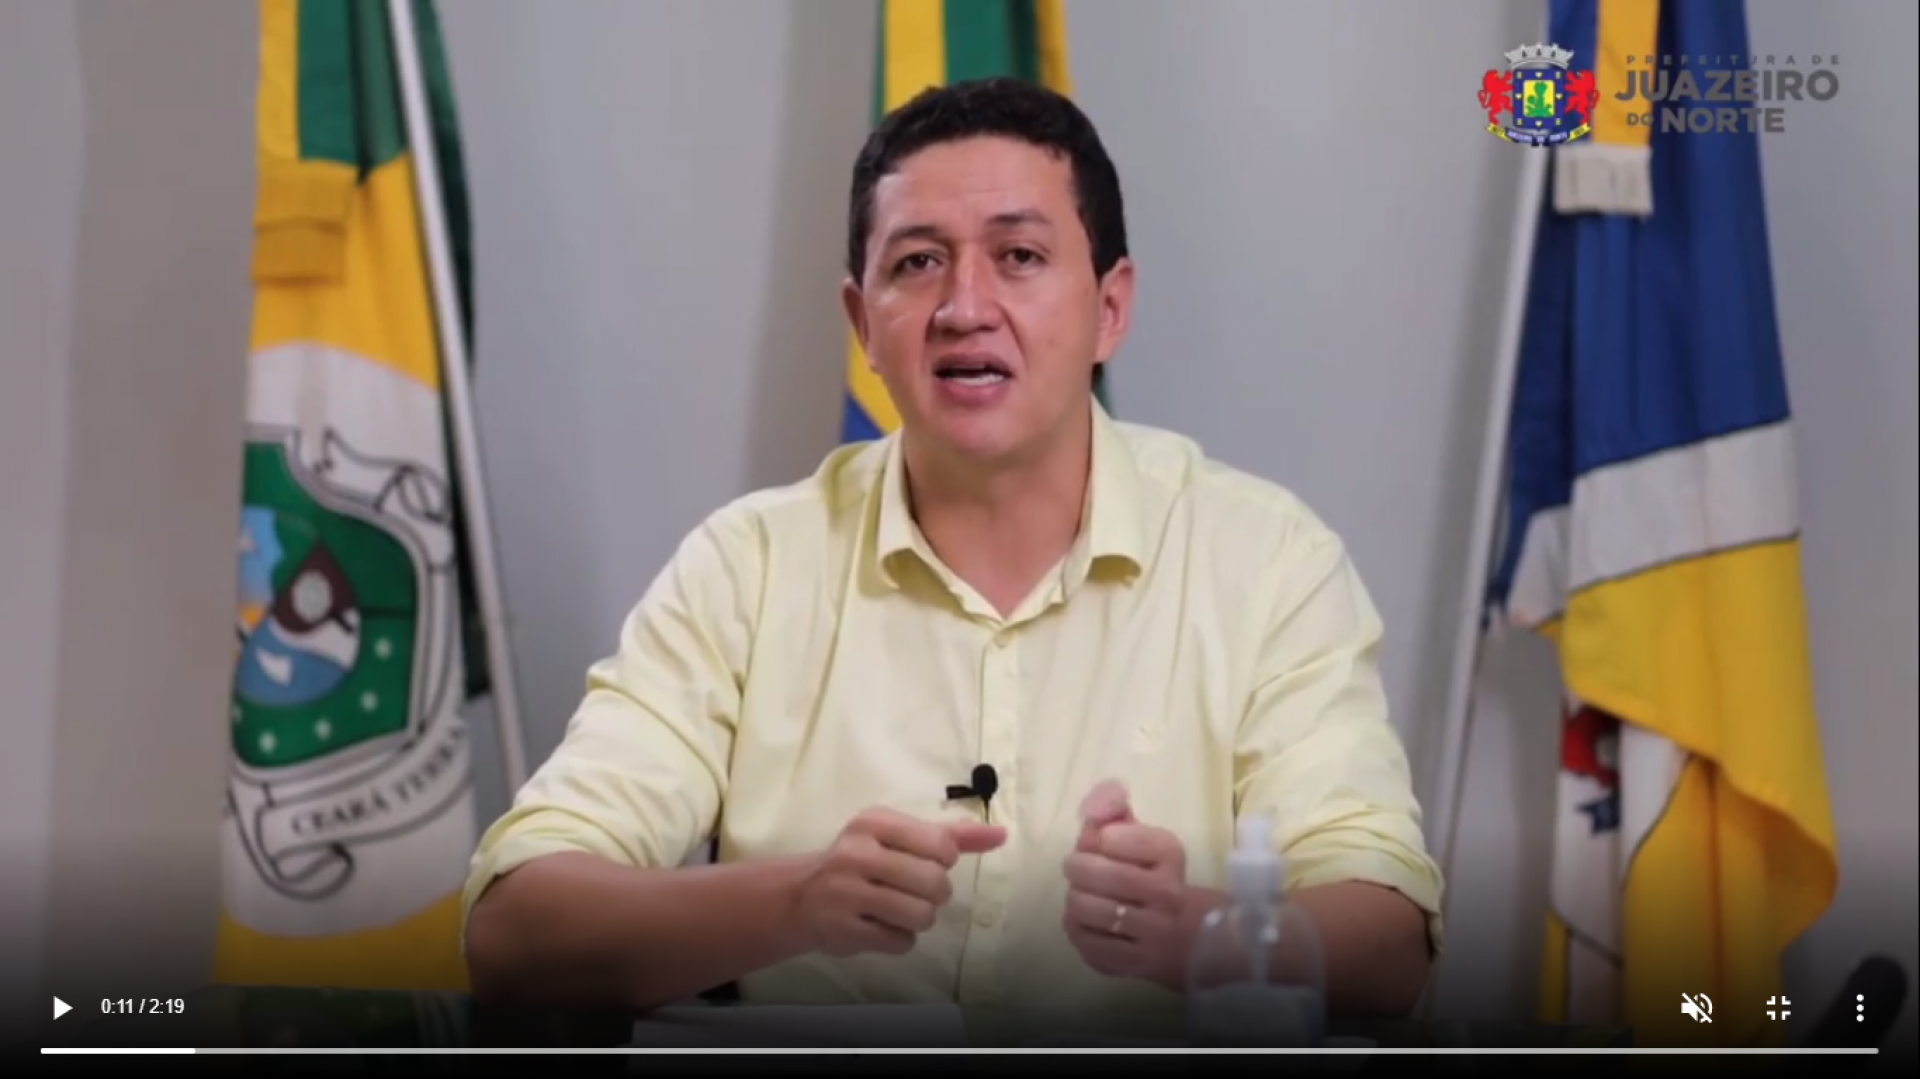 Gledson Bezerra (Podemos) teria praticado abuso de poder econômico na disputa (Foto: Reprodução/Instagram)